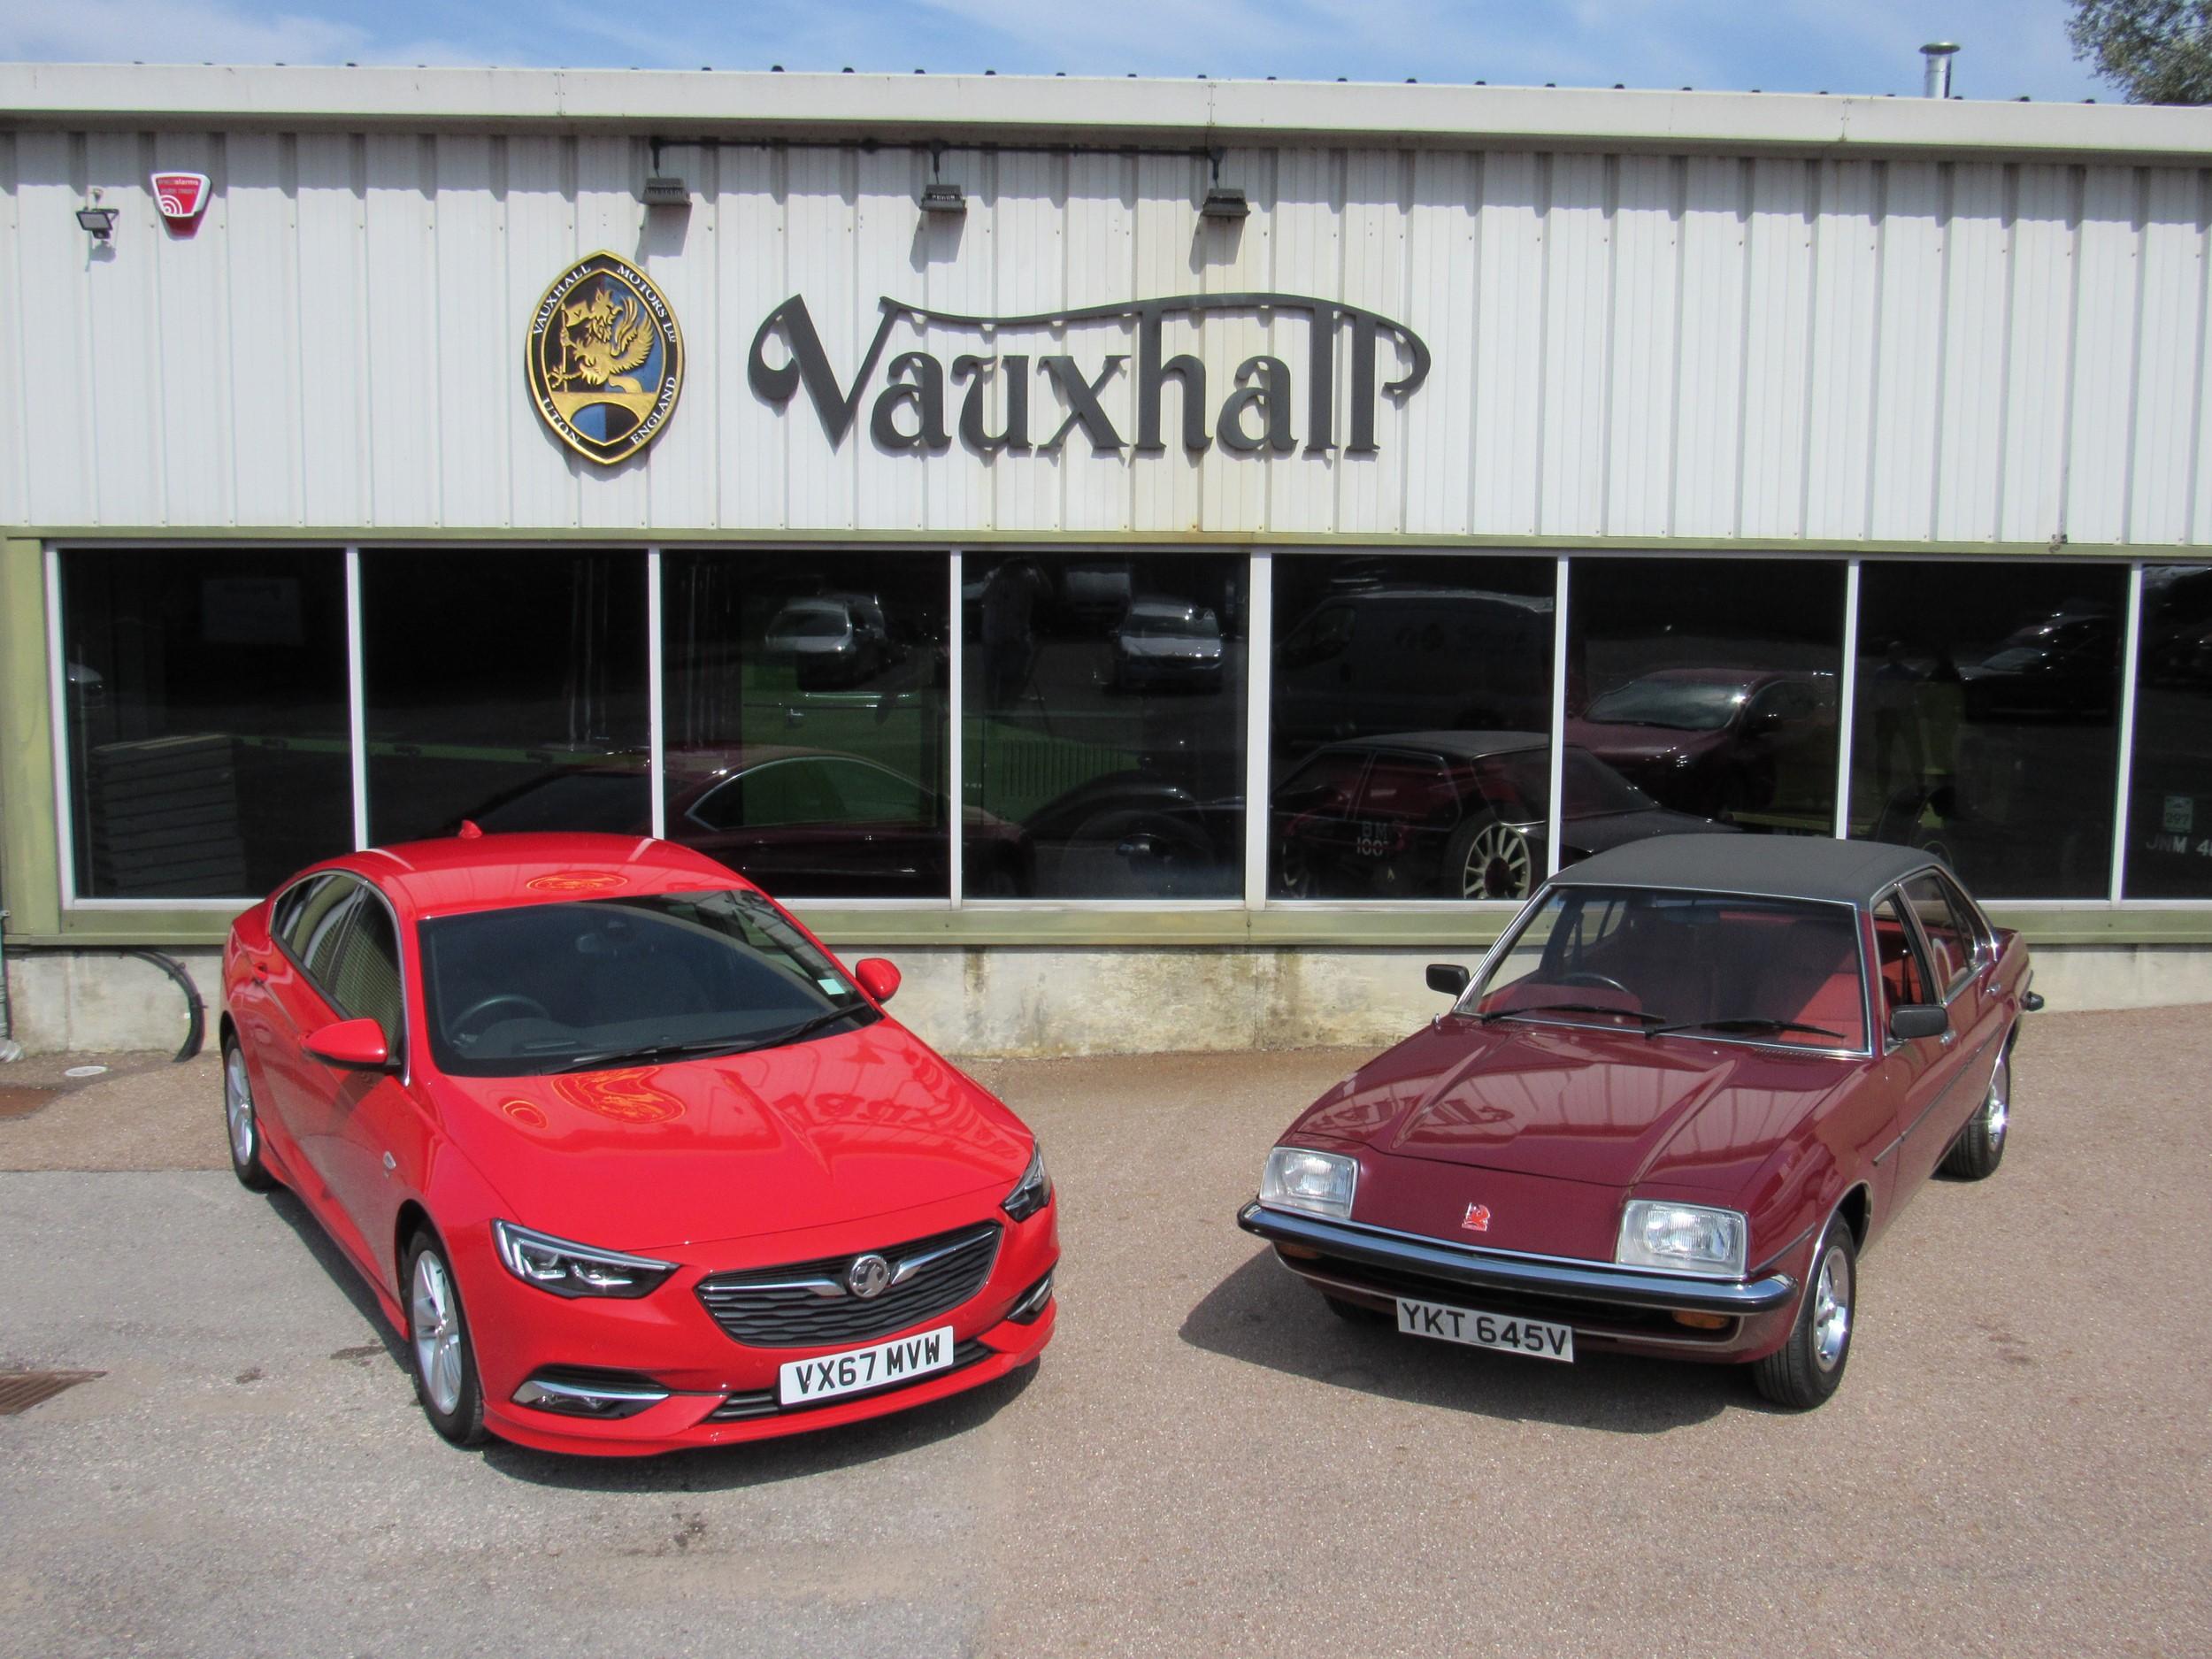 Vauxhall Insignia Grand Sport company car review | Company Car Reviews